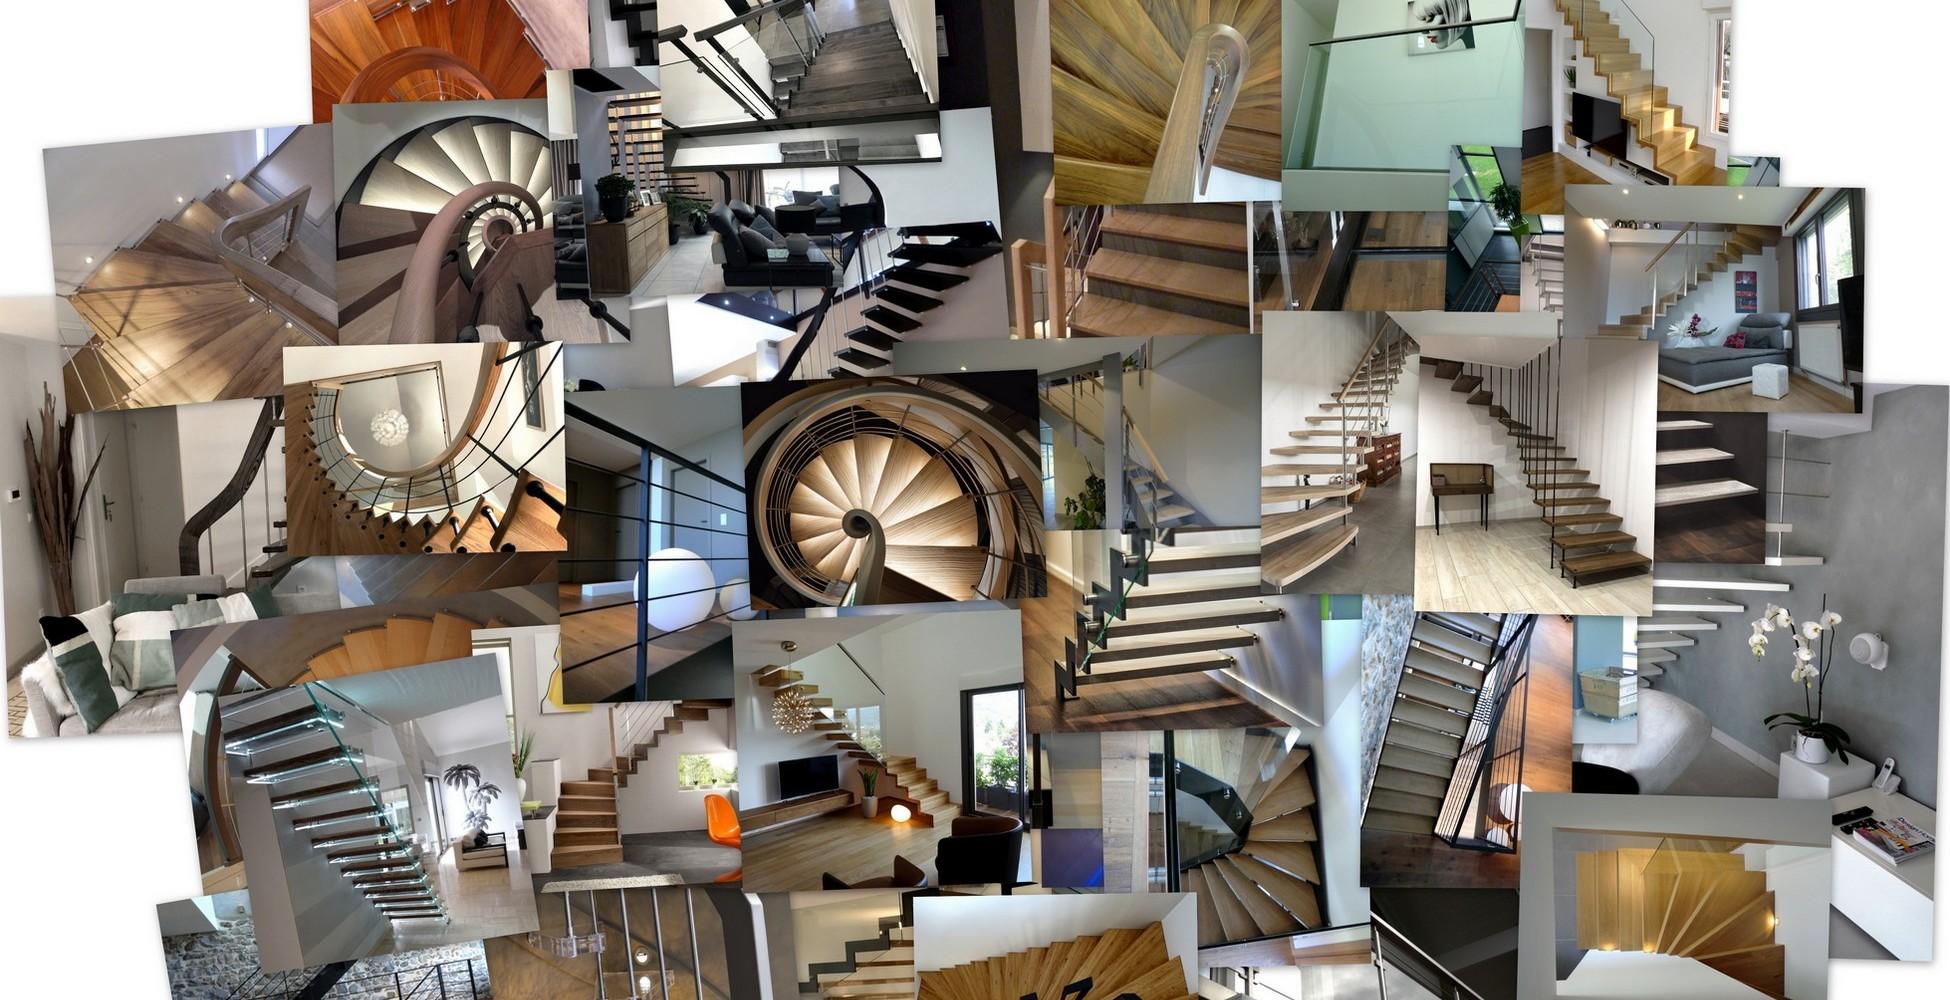 Différents types d'escaliers et garde-corps design